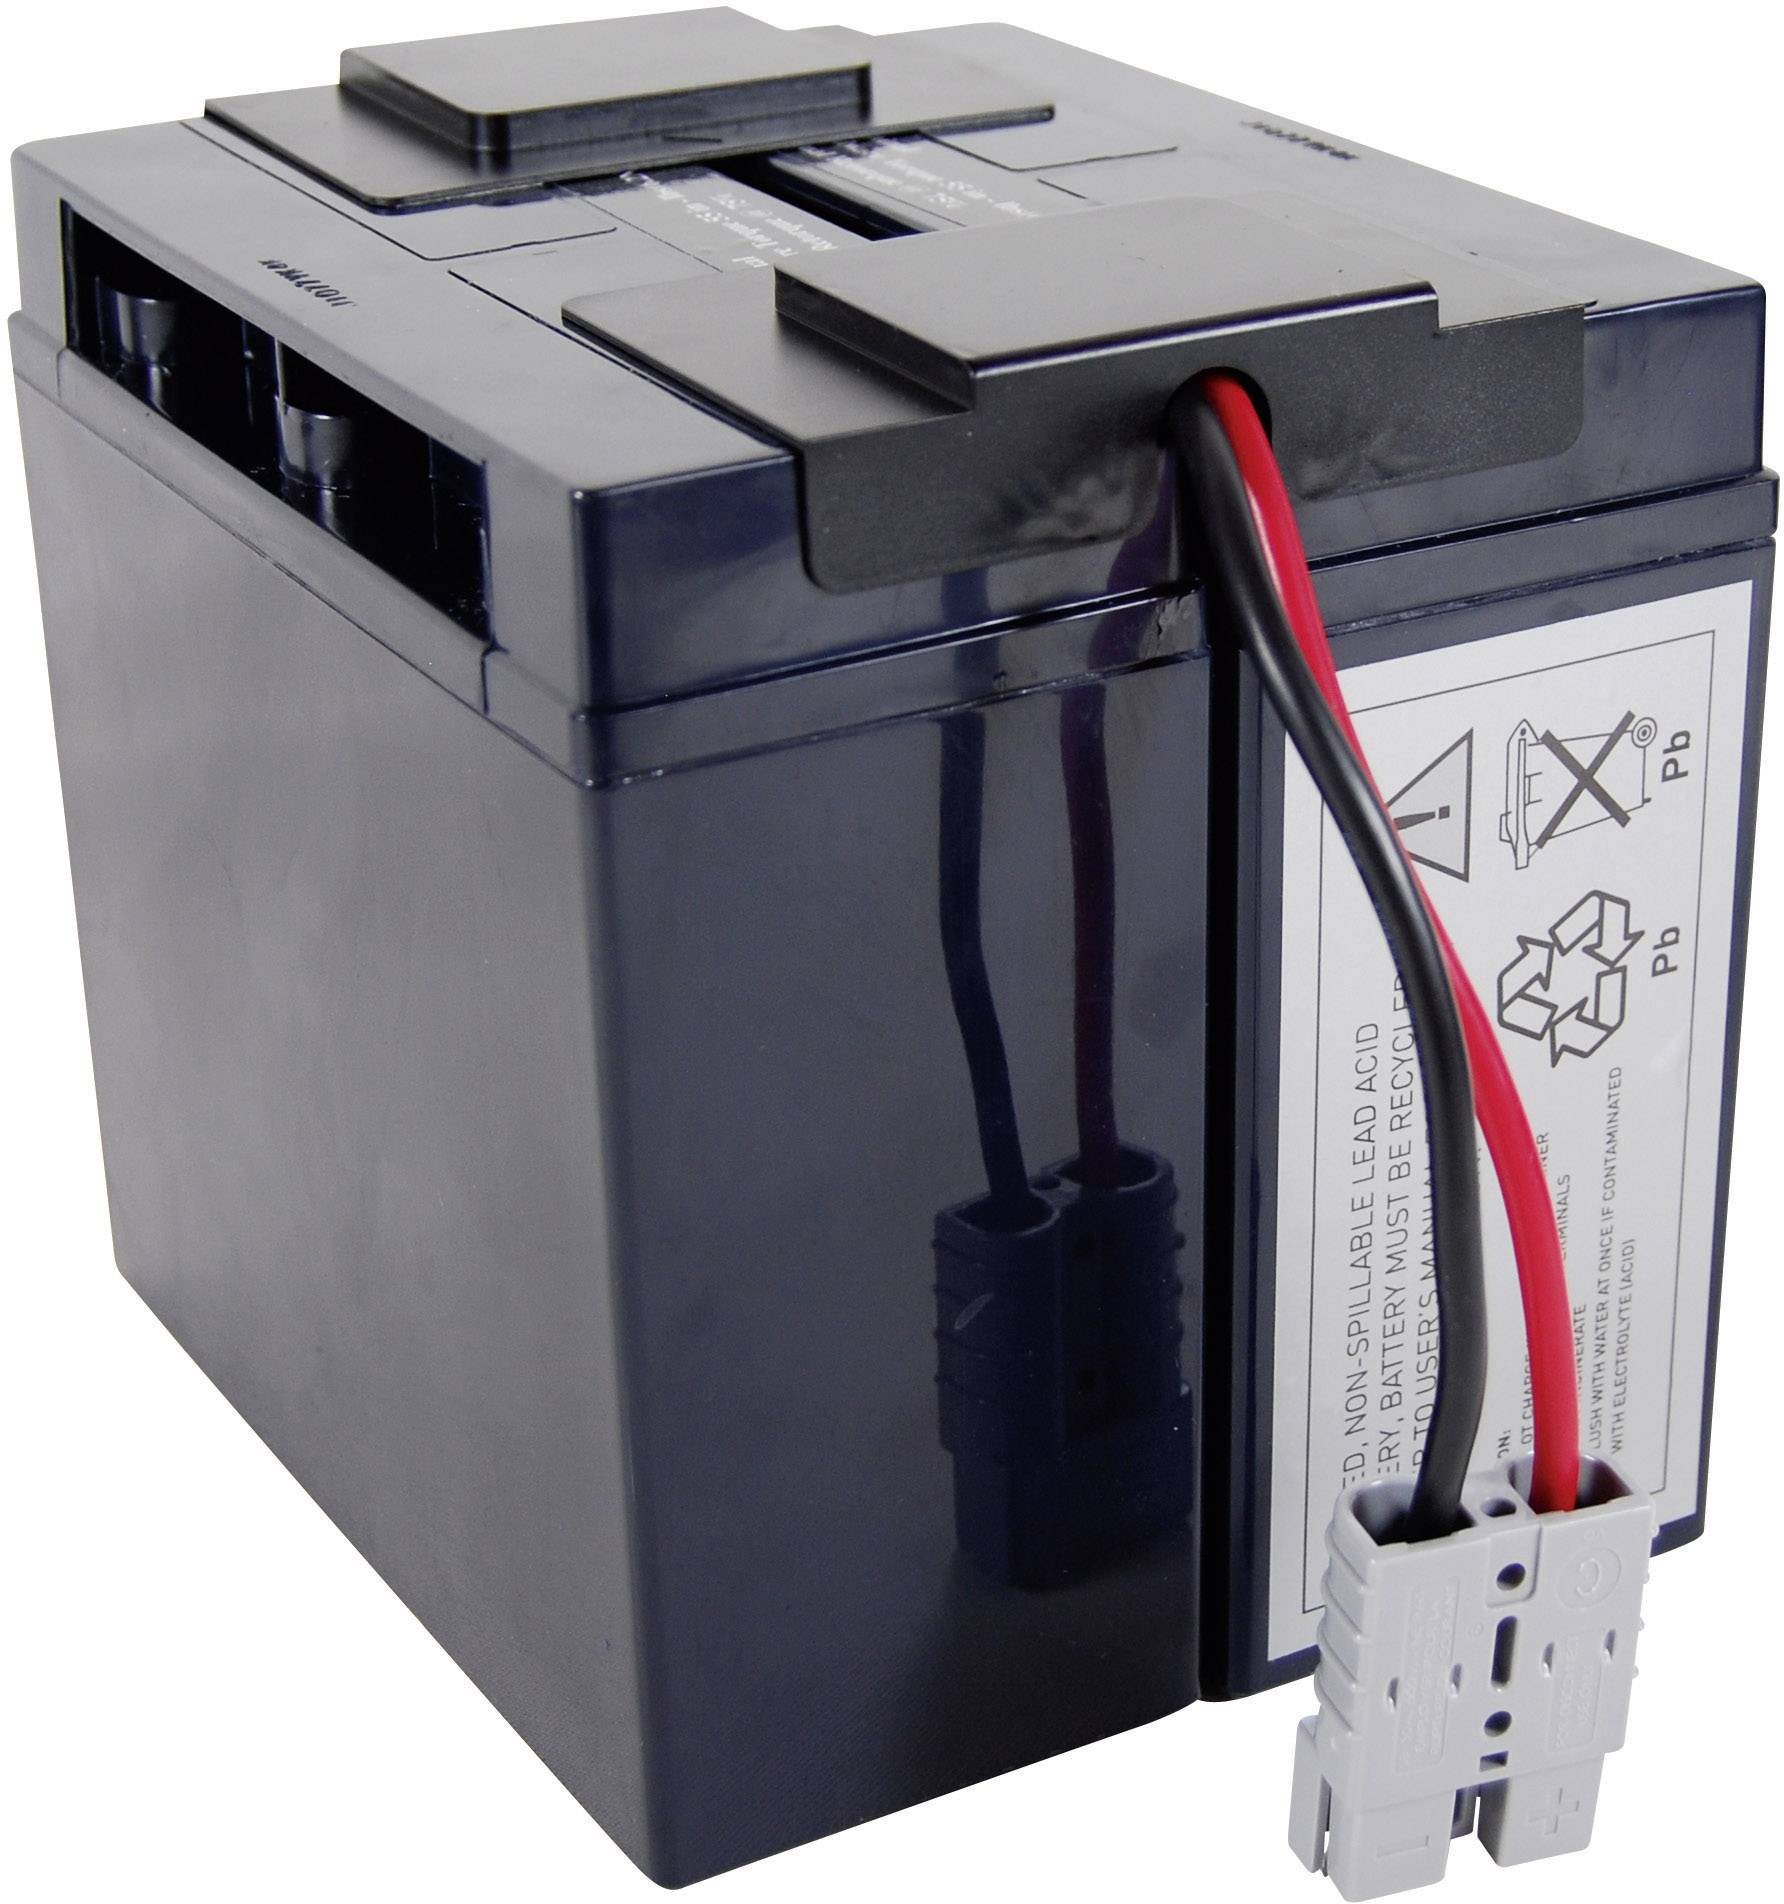 Náhradný akumulátor do záložného zdroja (UPS) Conrad energy, vhodný pre BP1400, BP1400X116, DLA1500, DLA1500I, SMT1500, SMT1500I, SMT1500ICH, SMT1500TW, SMT1500US, SU1000XL, SU1000XLJ, SU1000XLNET, SU1400, SU1400BX120, SU1400I, SU1400INET, SU1400X106, SU1